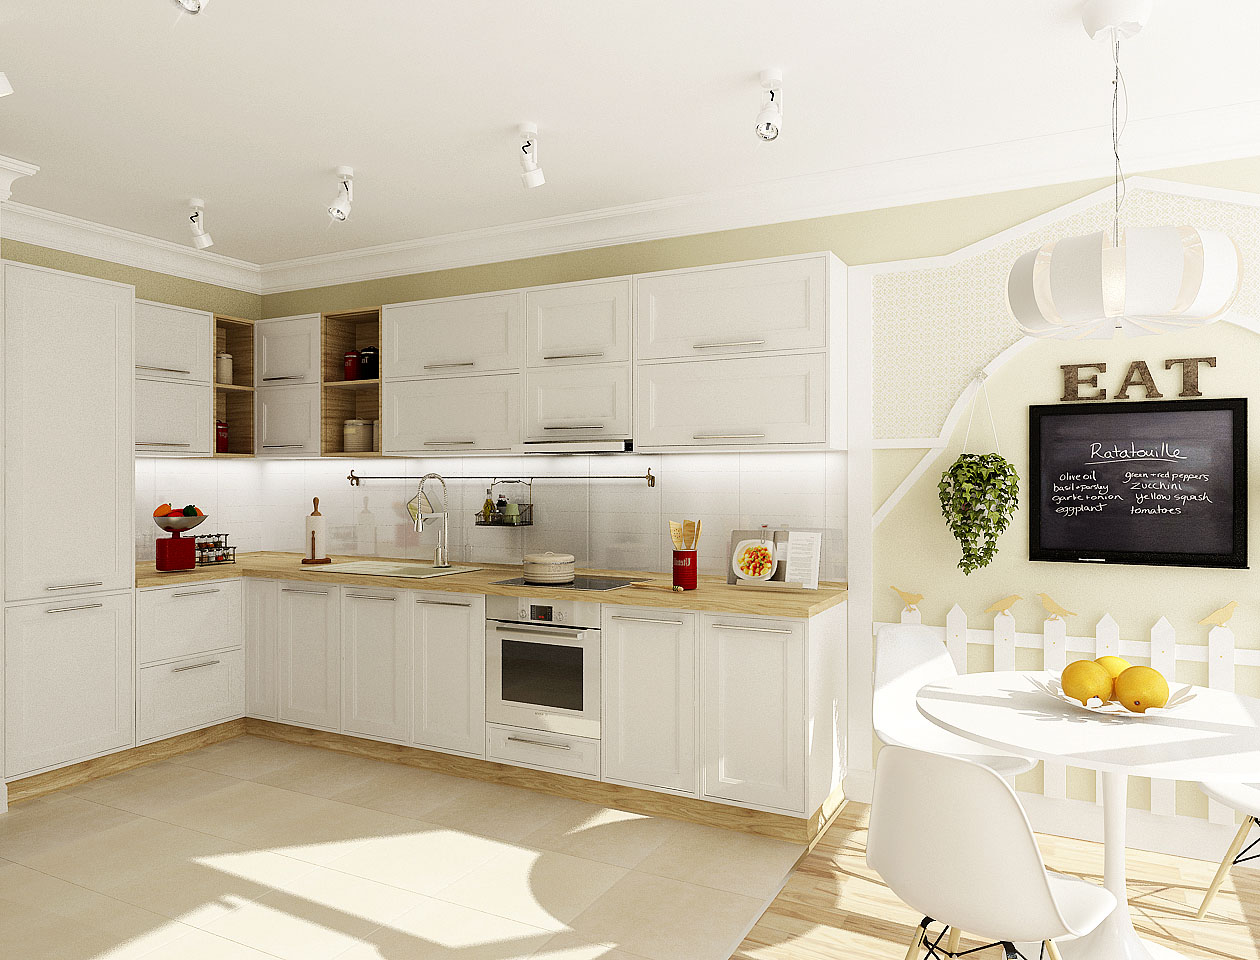 кухня в скандинавском стиле карточка пользователя Ilona Rz в